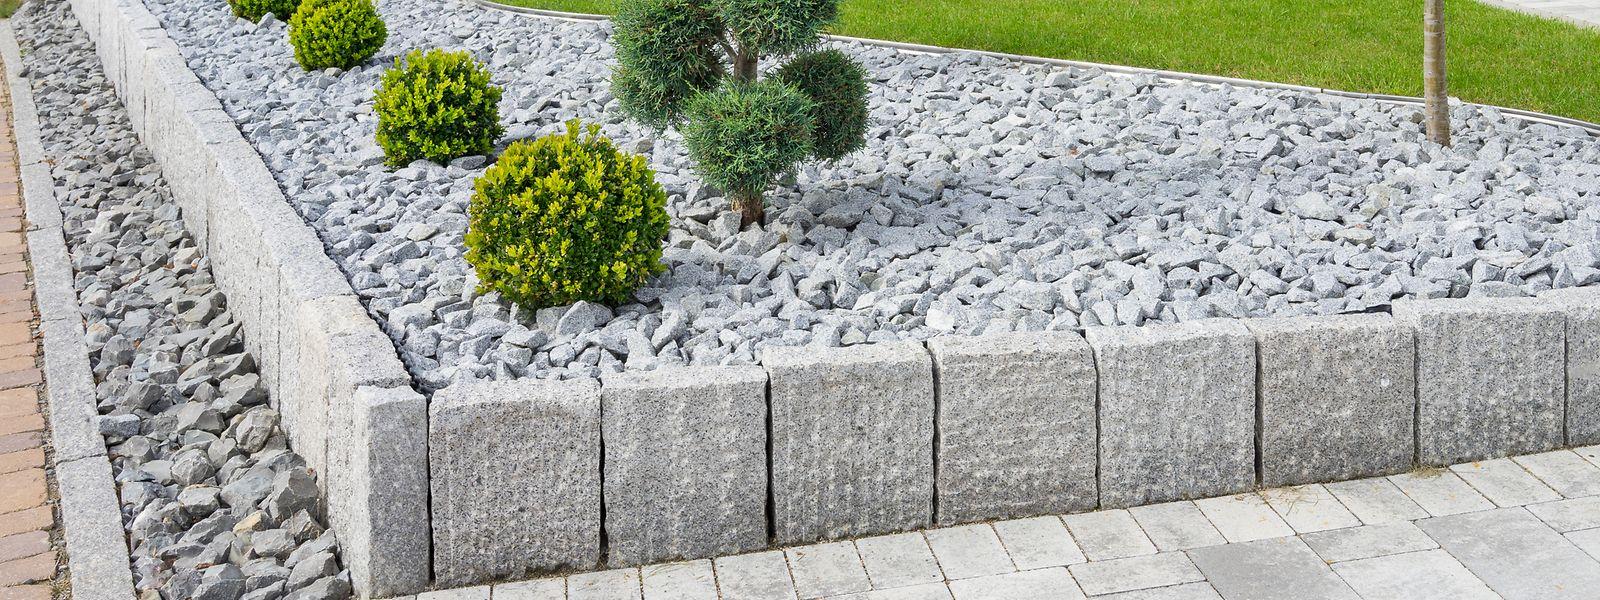 Weder ästhetisch ansprechend noch pflegeleicht – und schon gar nicht umweltfreundlich: Schottergärten stehen zunehmend in der Kritik.